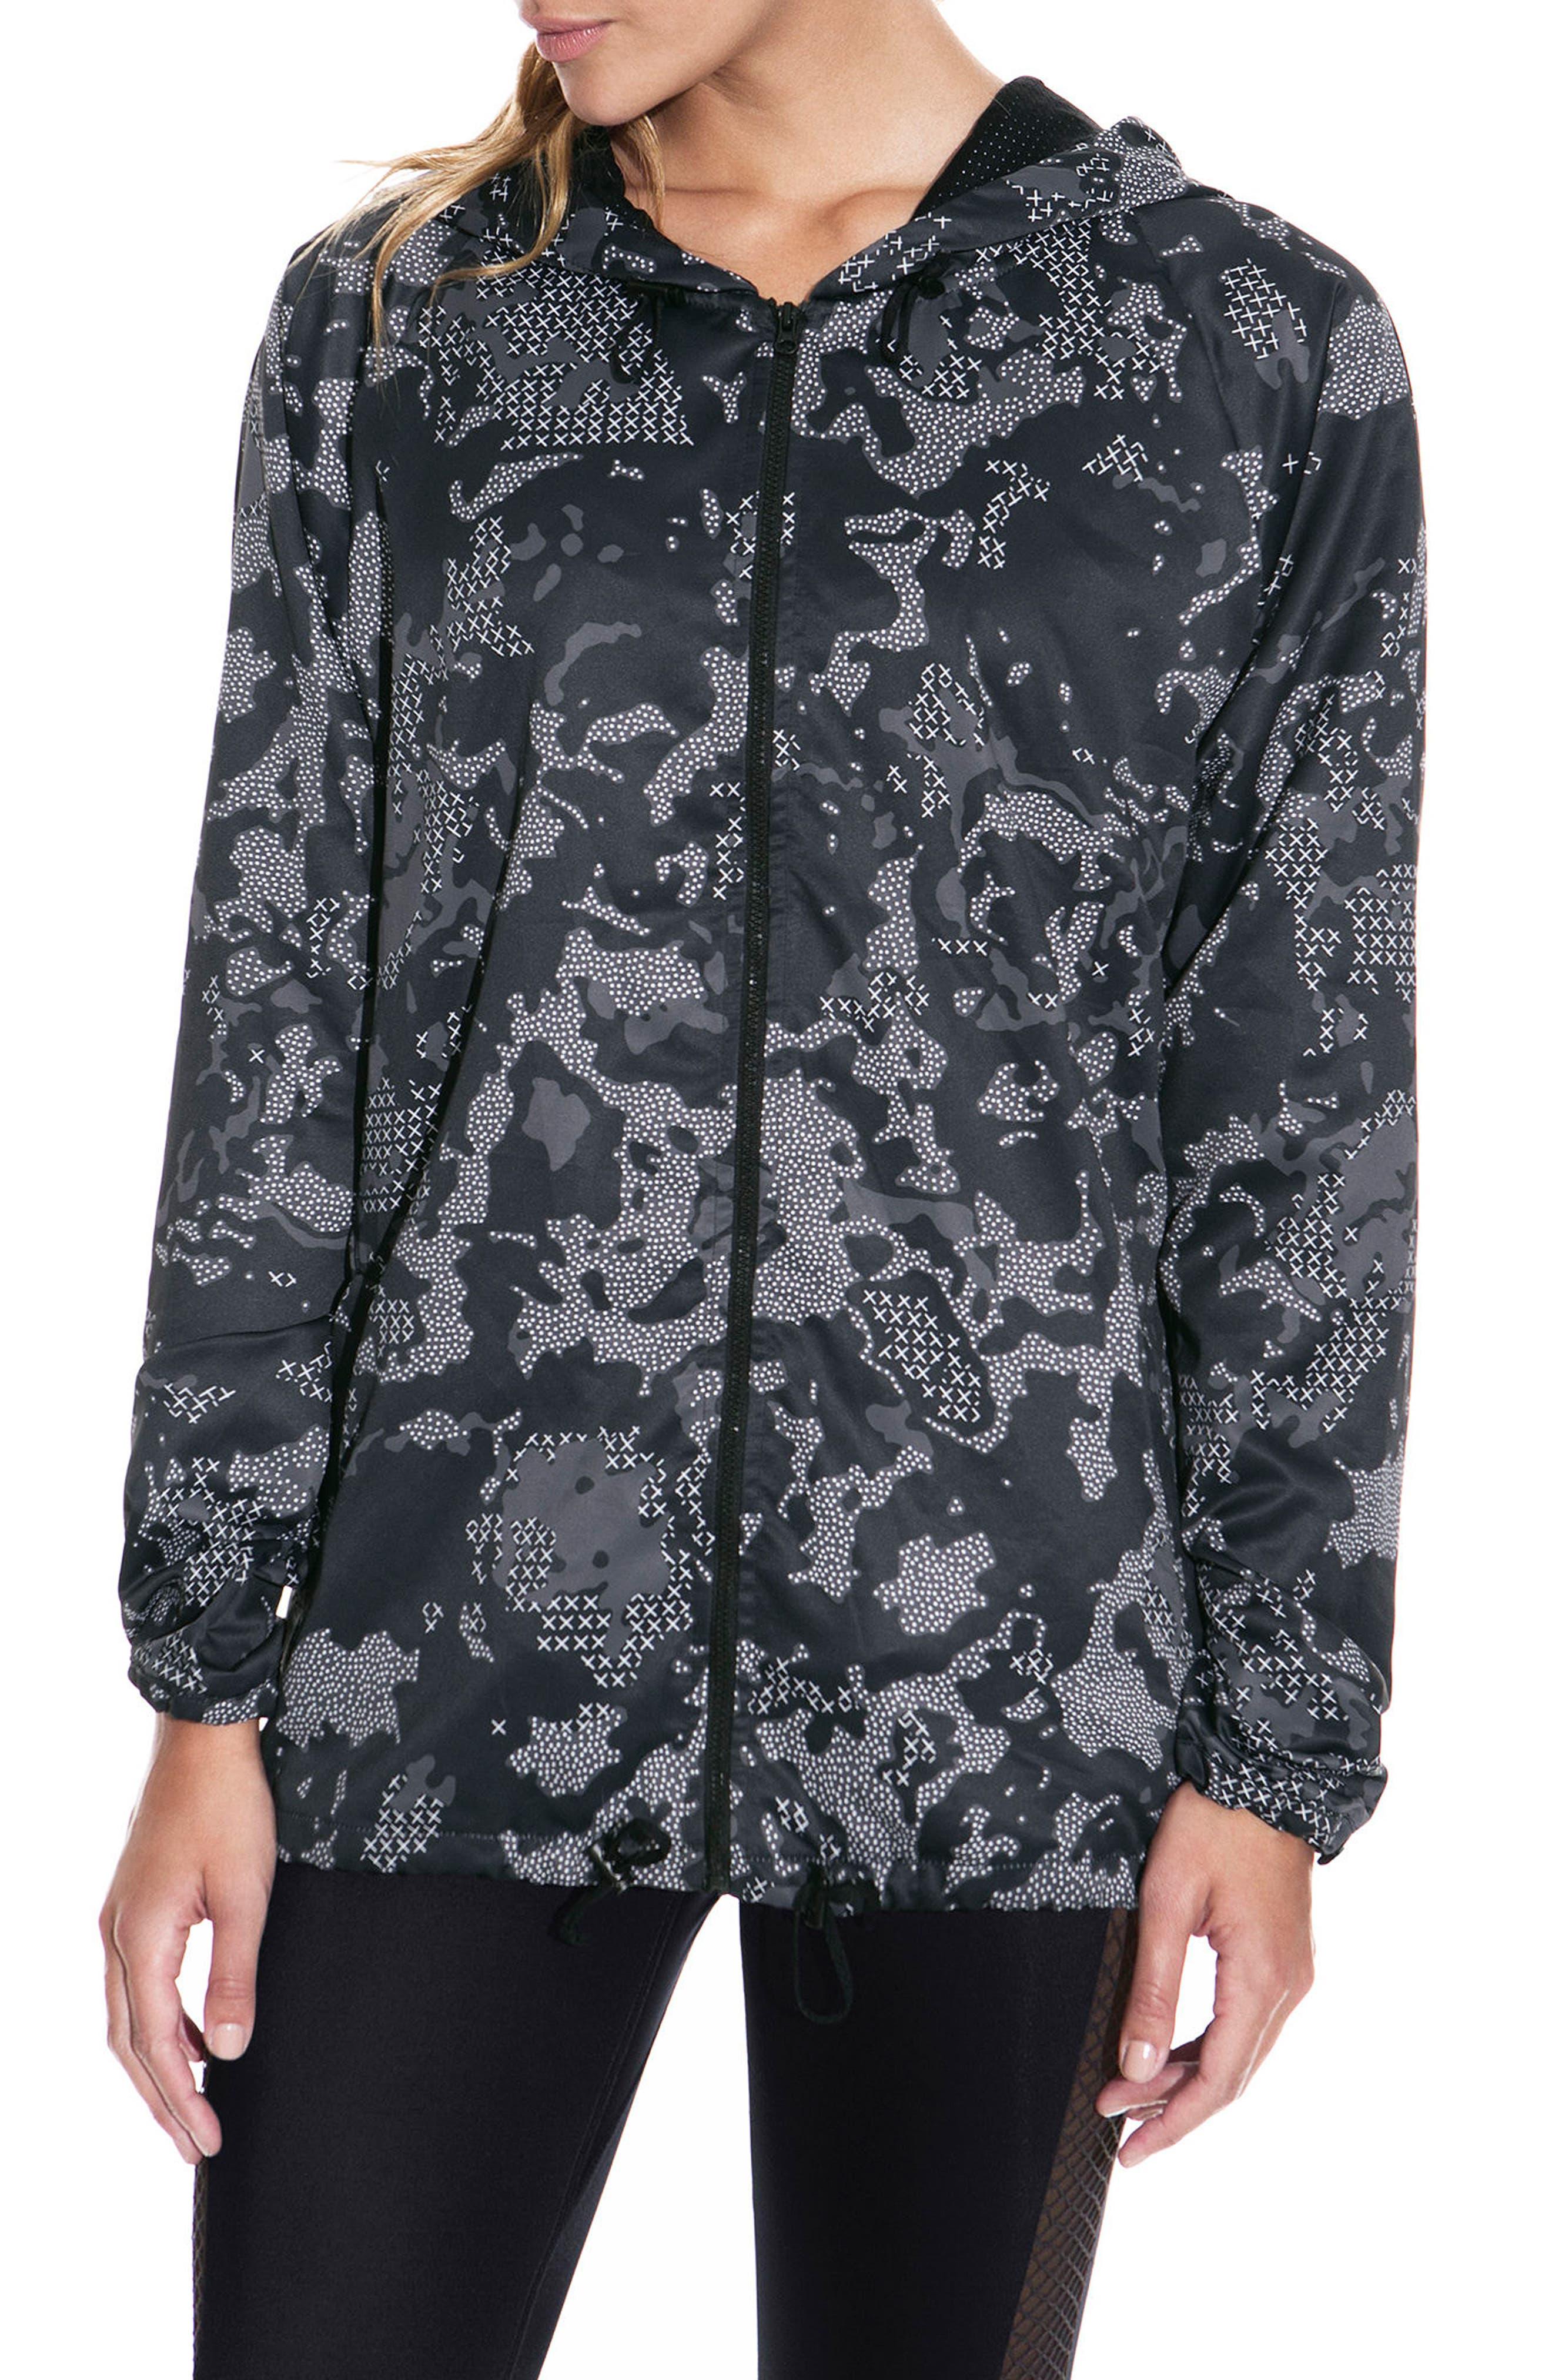 Brisk Black Camo Jacket,                         Main,                         color, 001